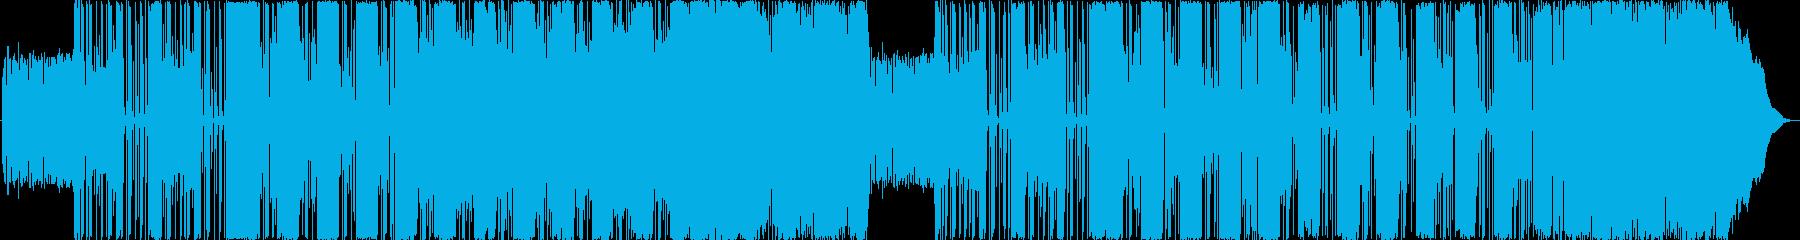 アヴァンギャルドなサイケデリックサウンドの再生済みの波形